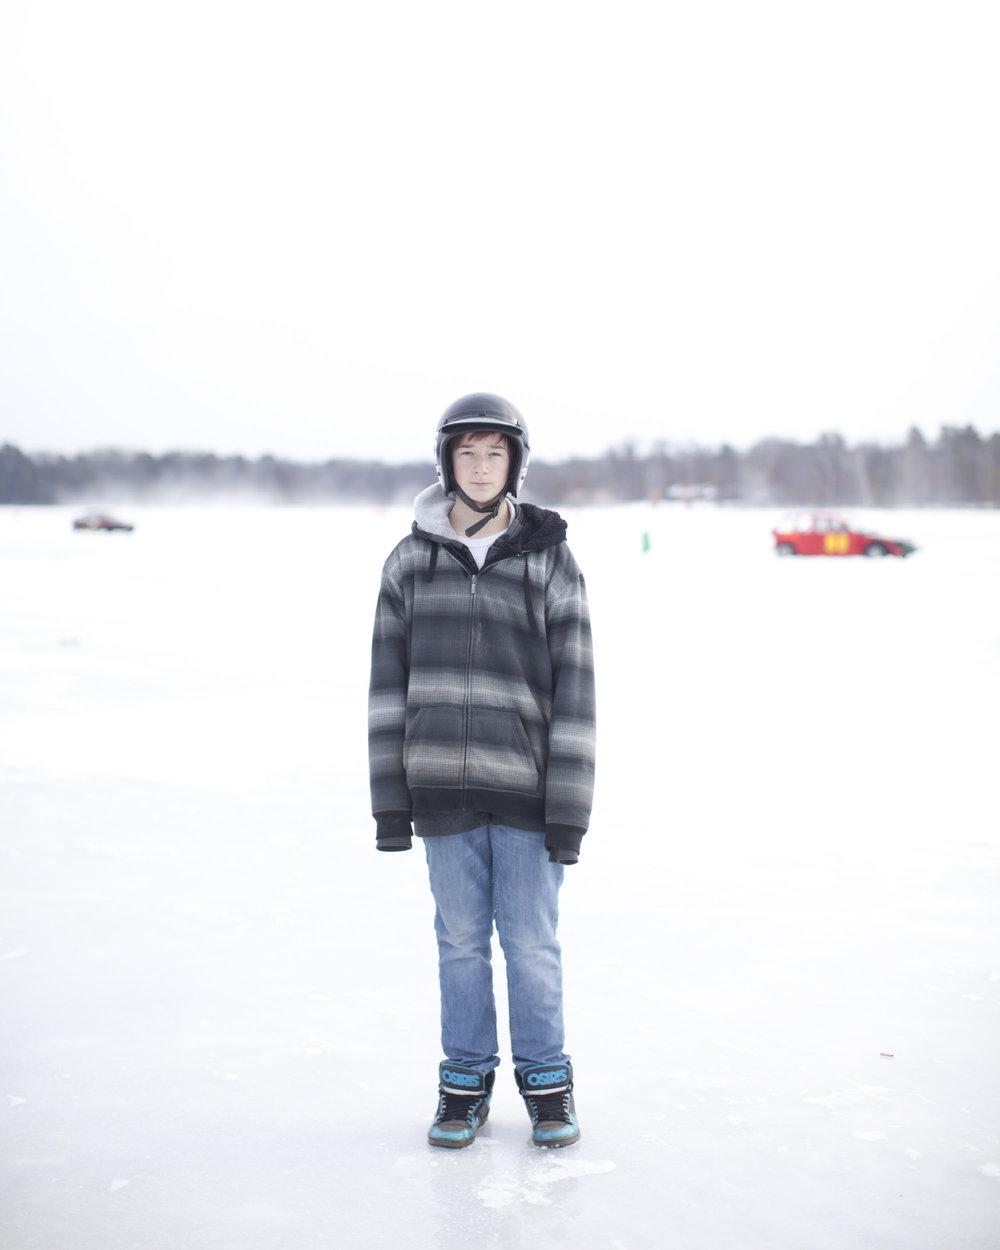 AckermanGruber_Frozen_26.JPG